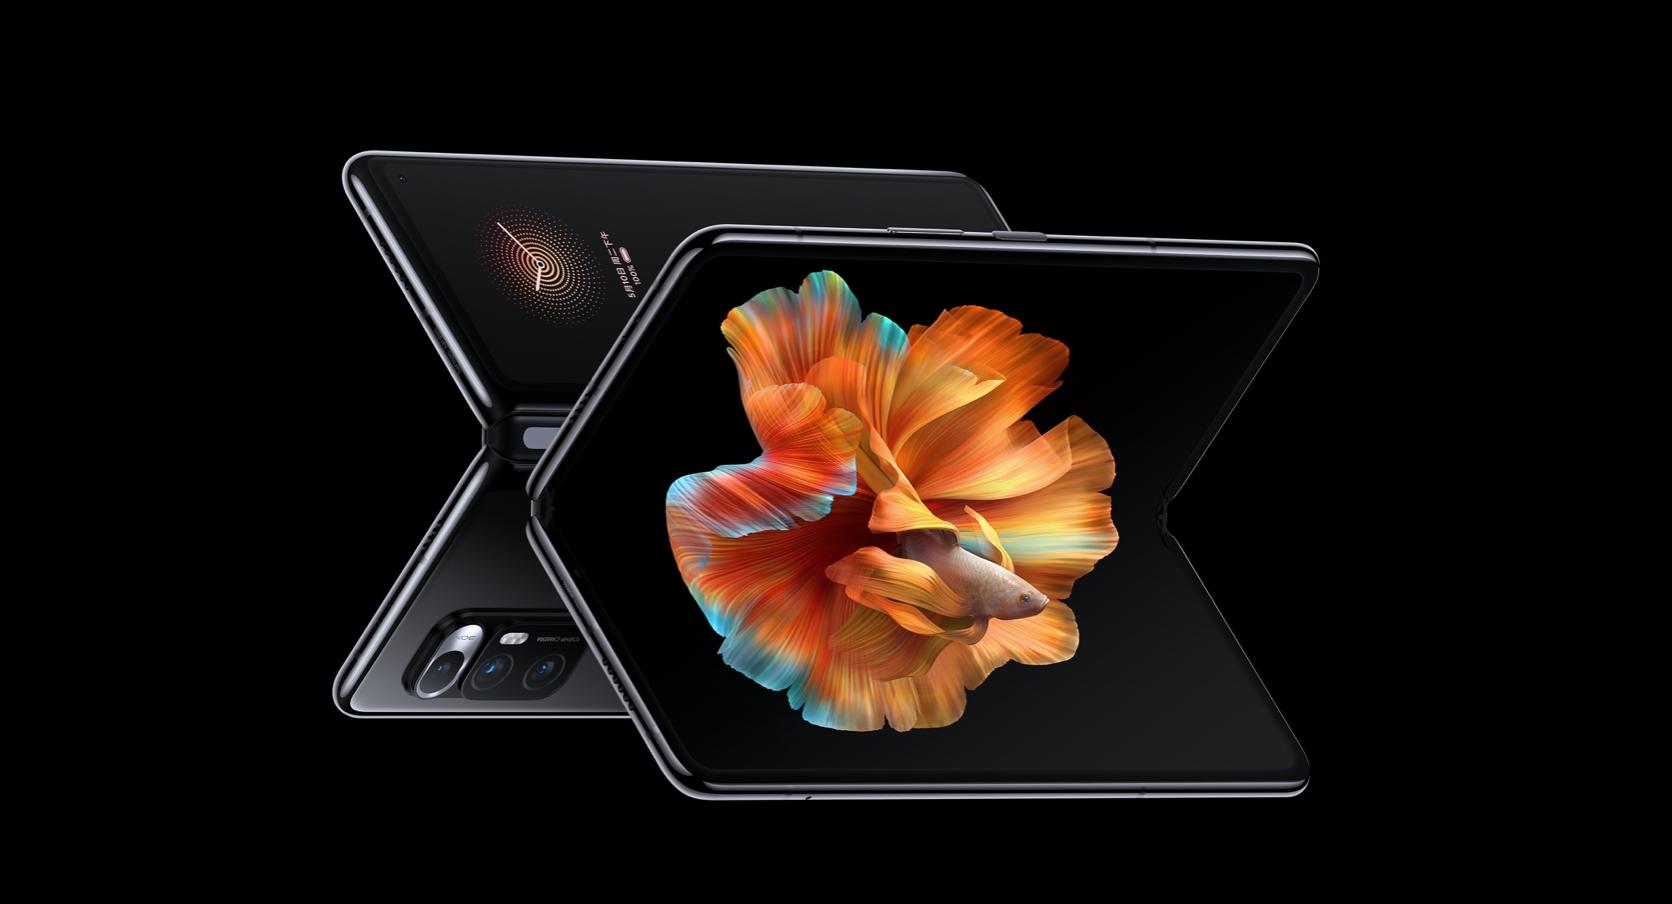 Xiaomi уже работает над новым Mi Mix Fold: смартфон получит чип Snapdragon 888, камеру на 108 МП и дисплей Samsung на 120 Гц